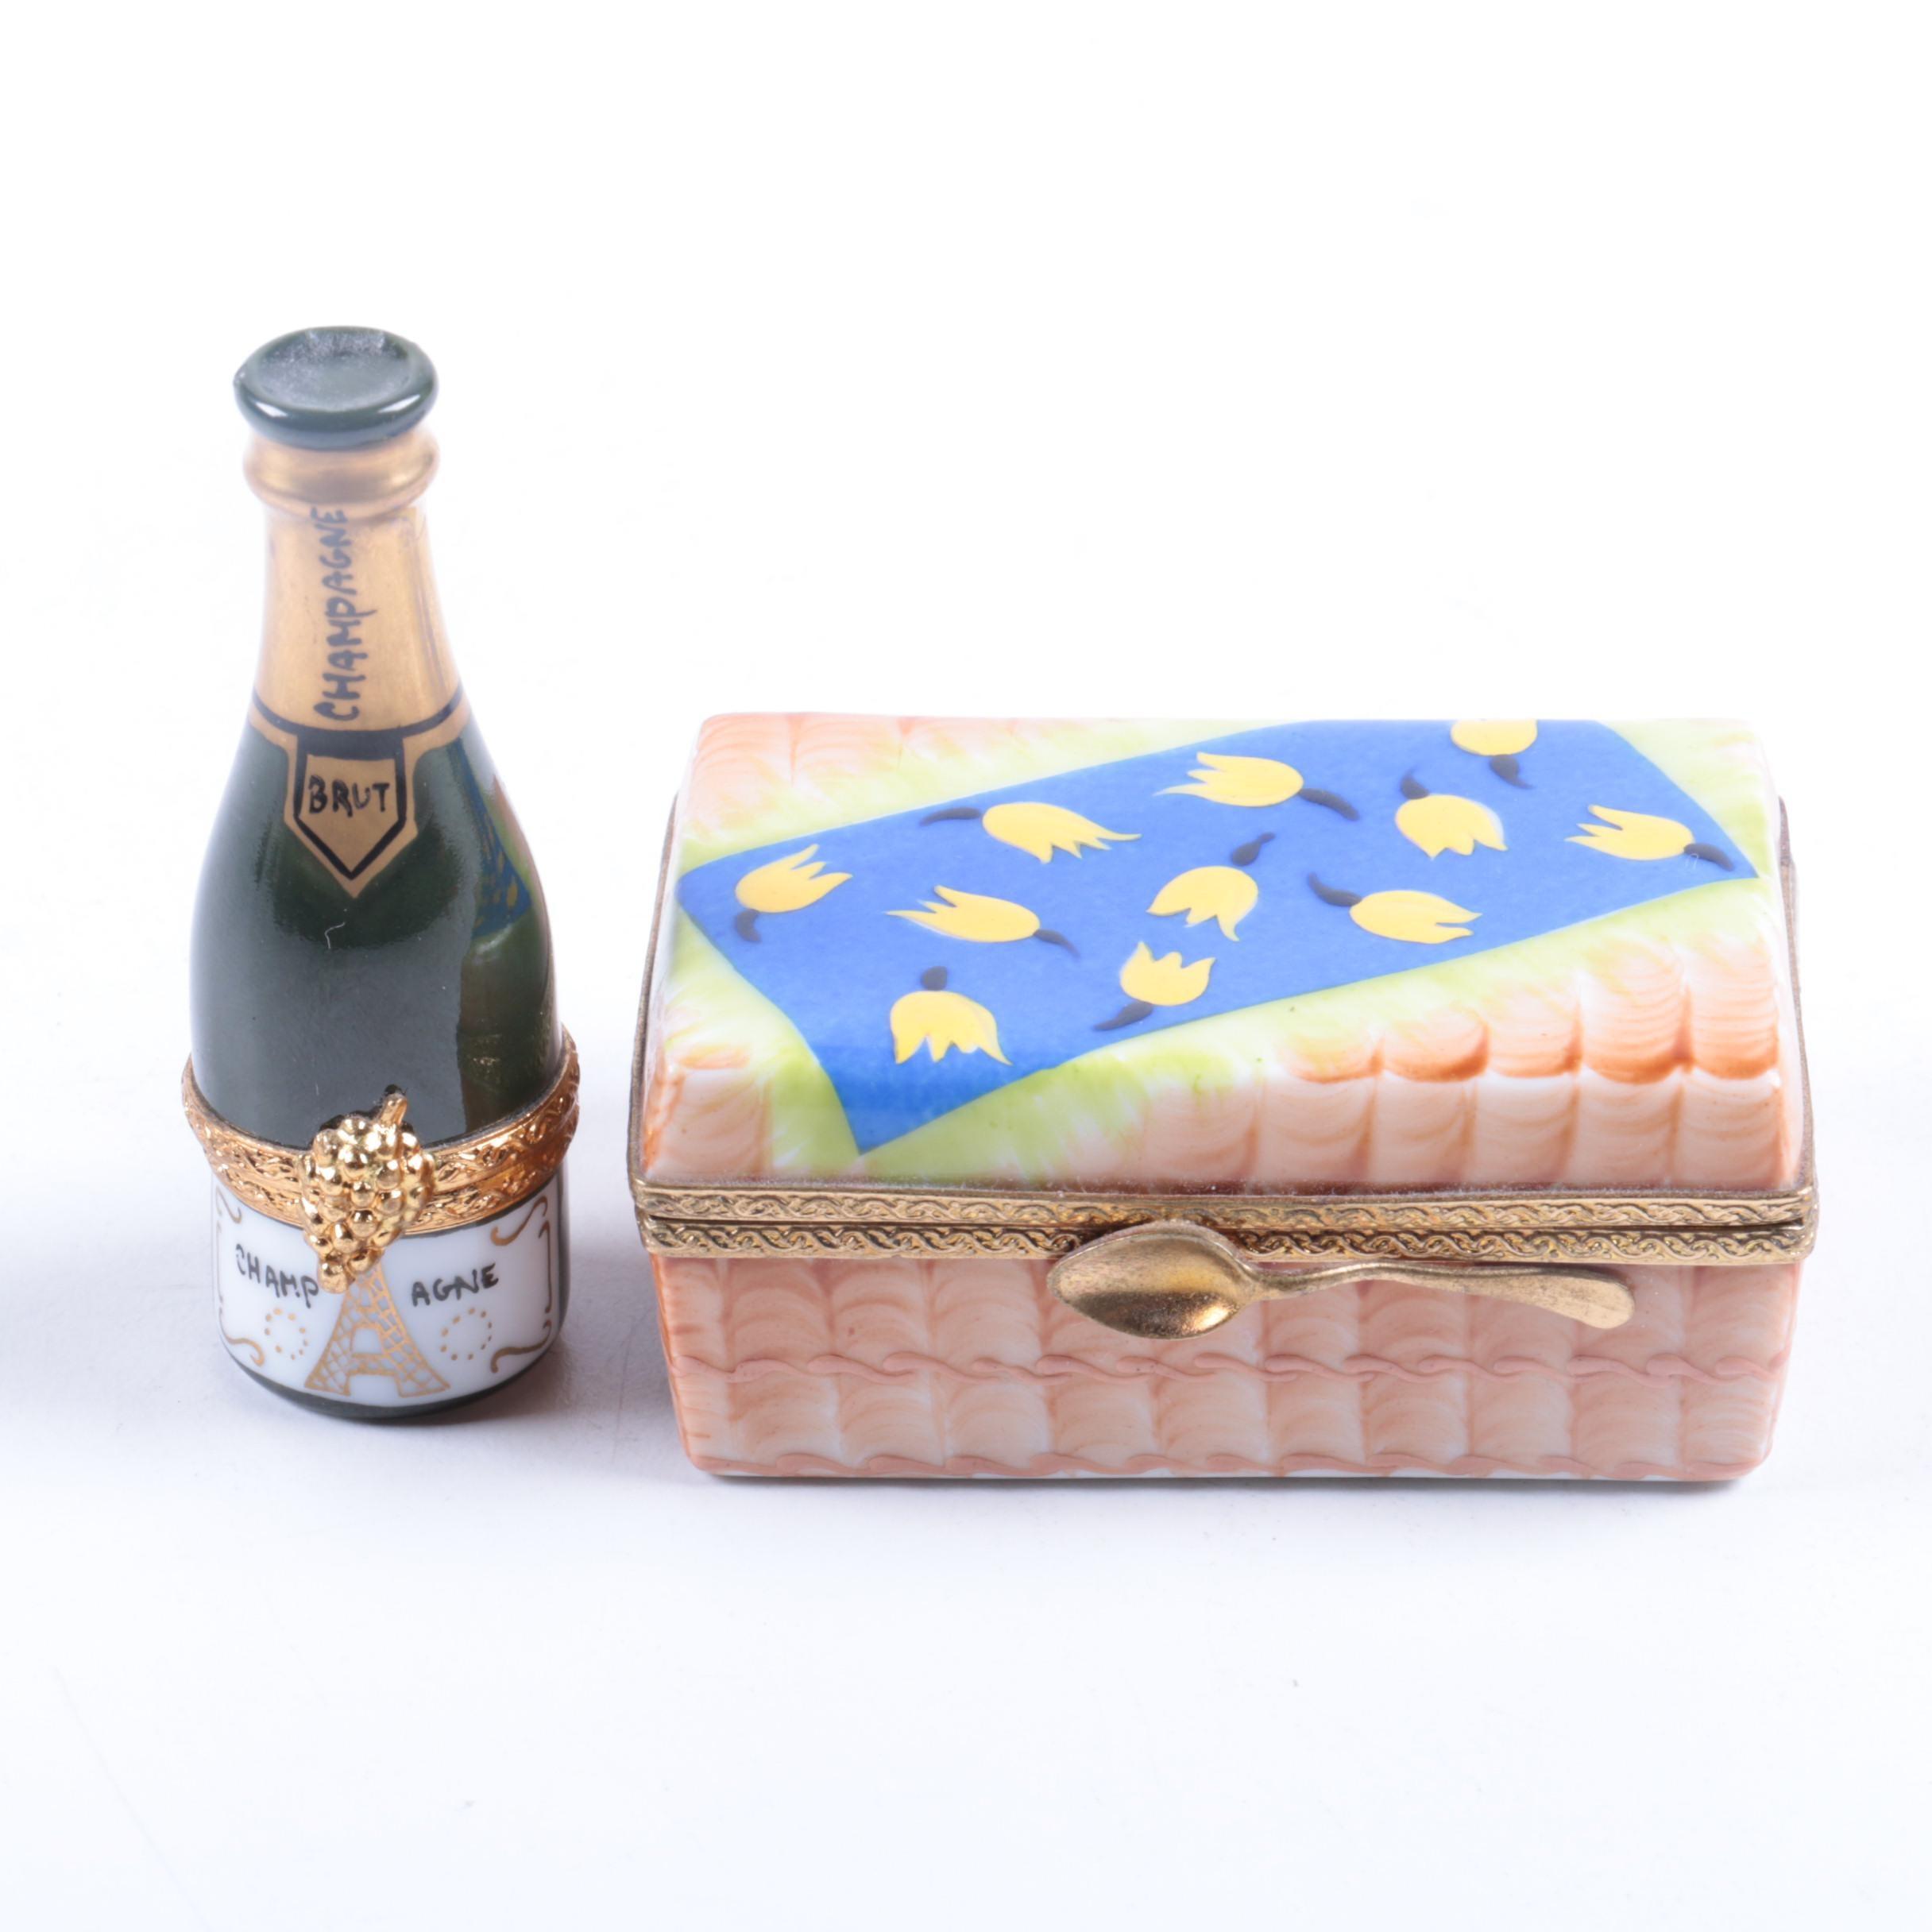 Porcelain Limoges Champagne Bottle and Picnic Basket Trinket Boxes